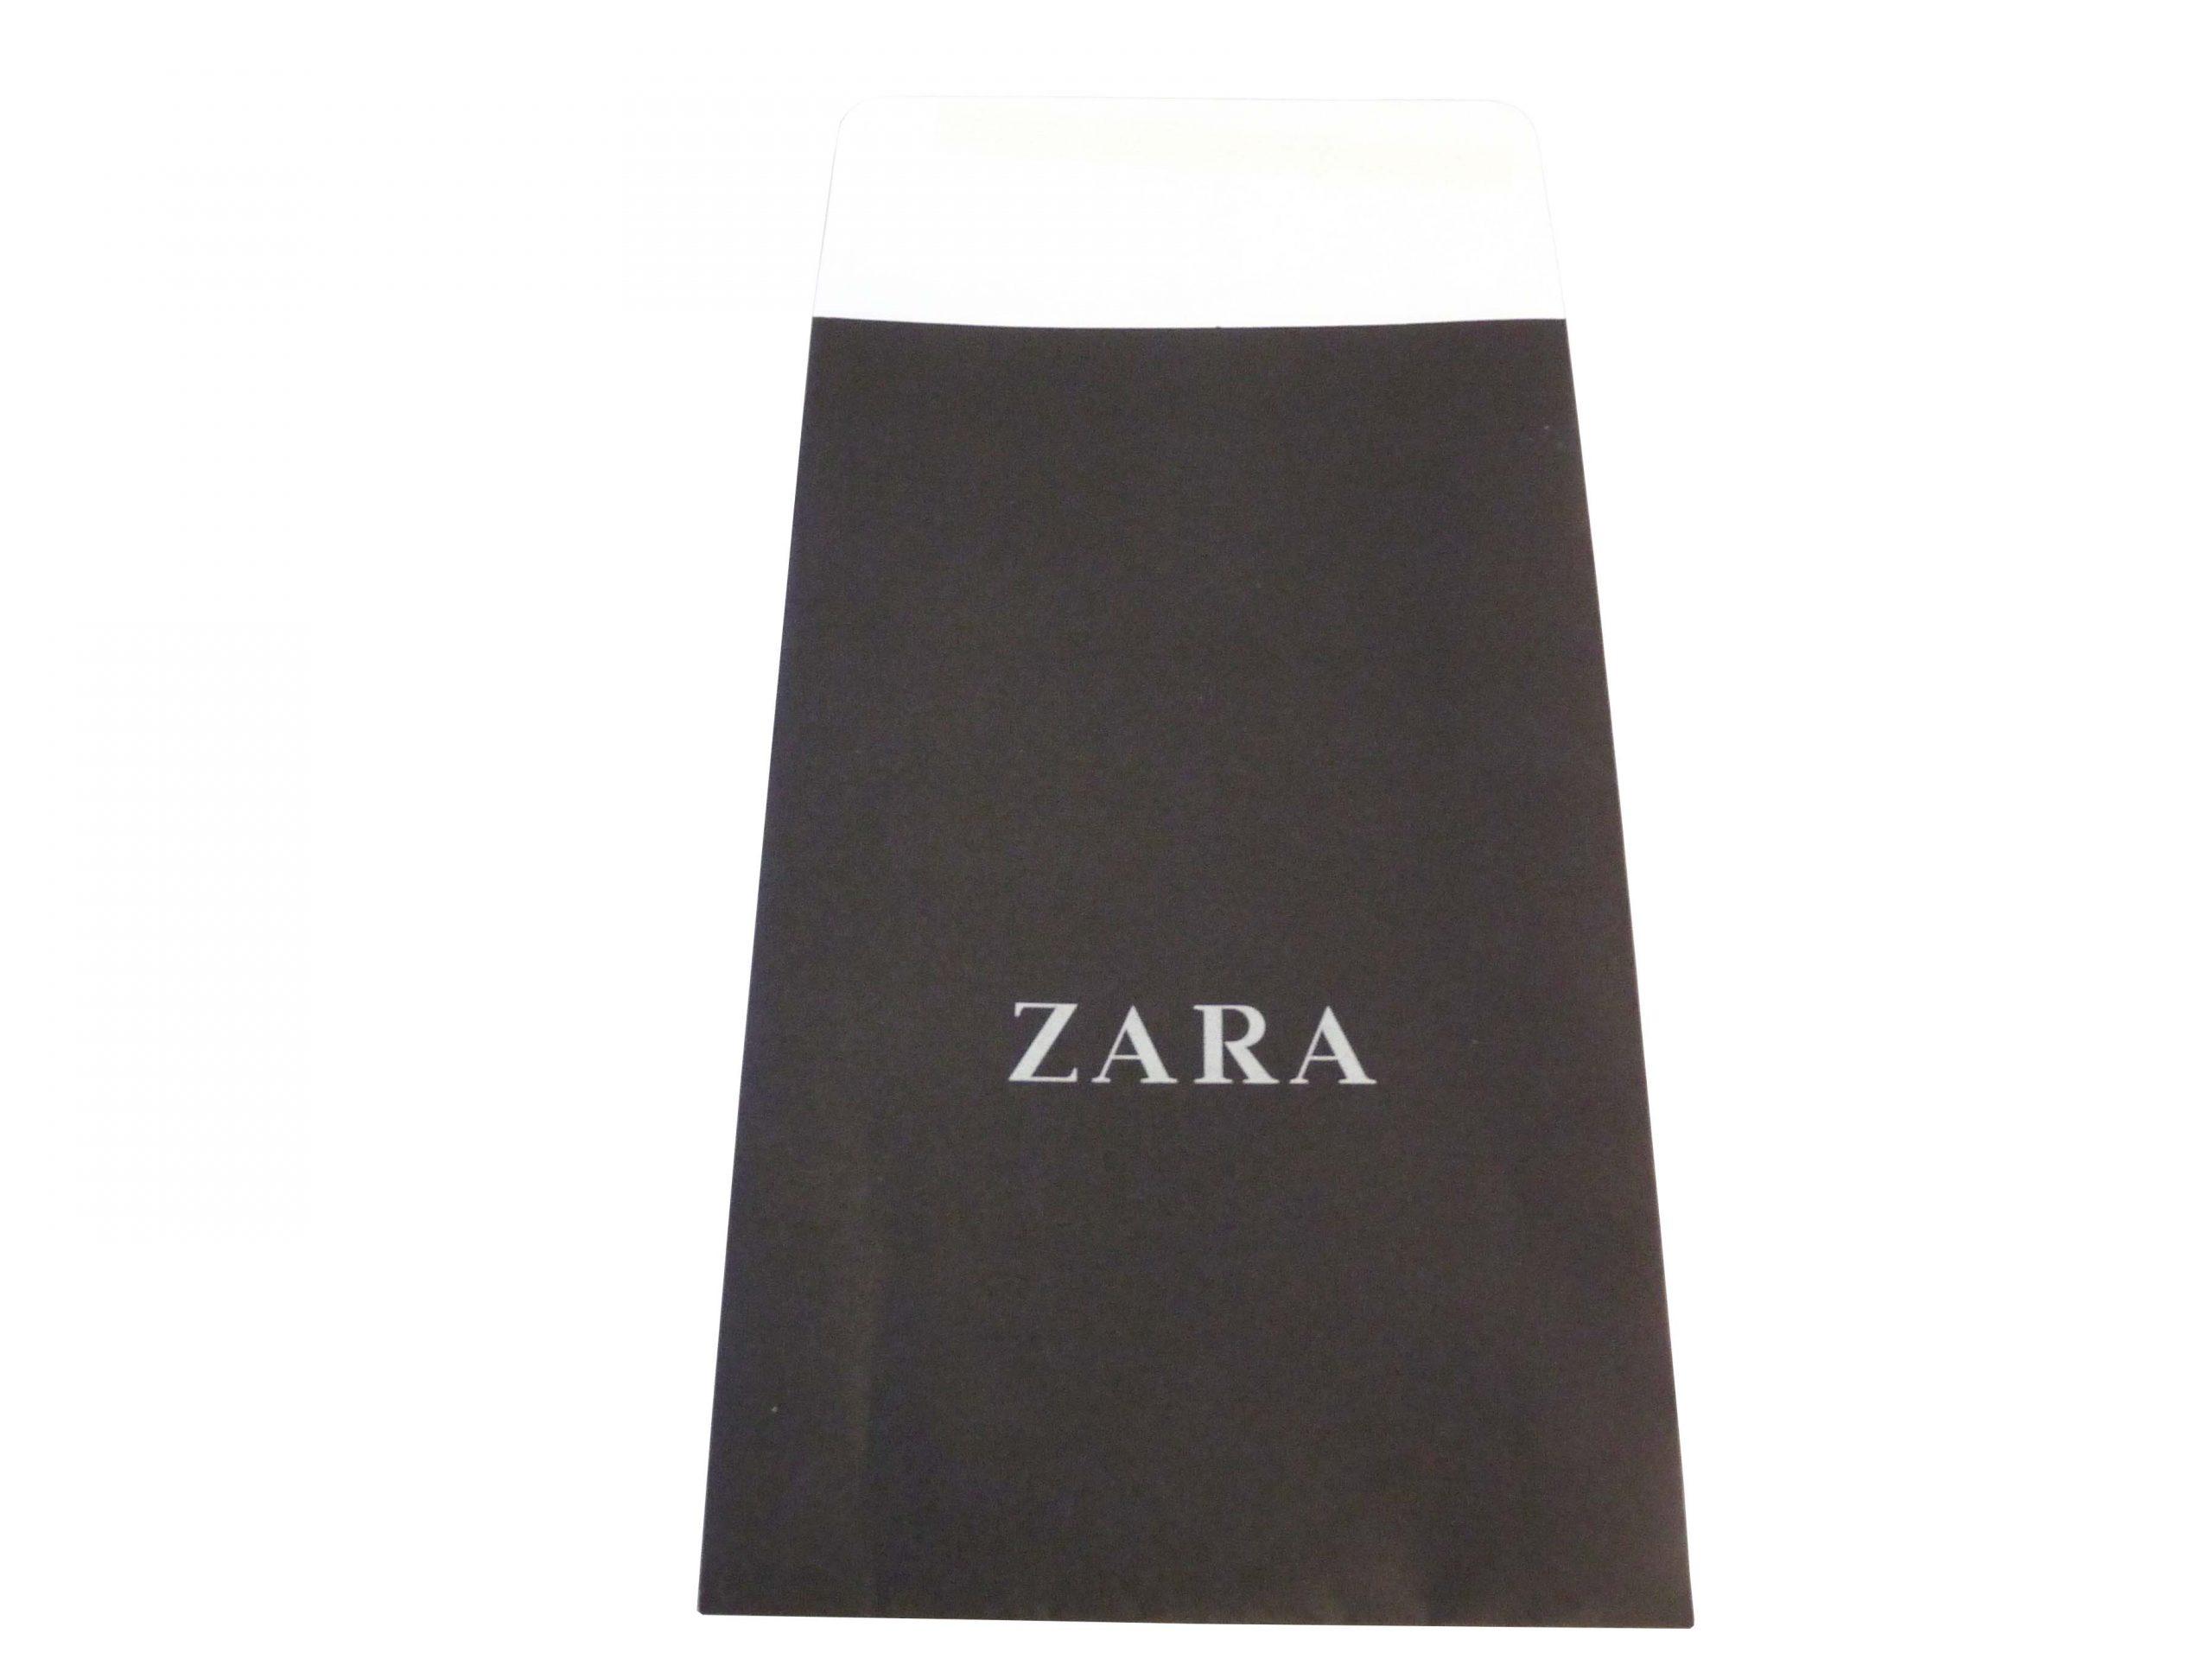 sobre alfa - Sobre Zara 1